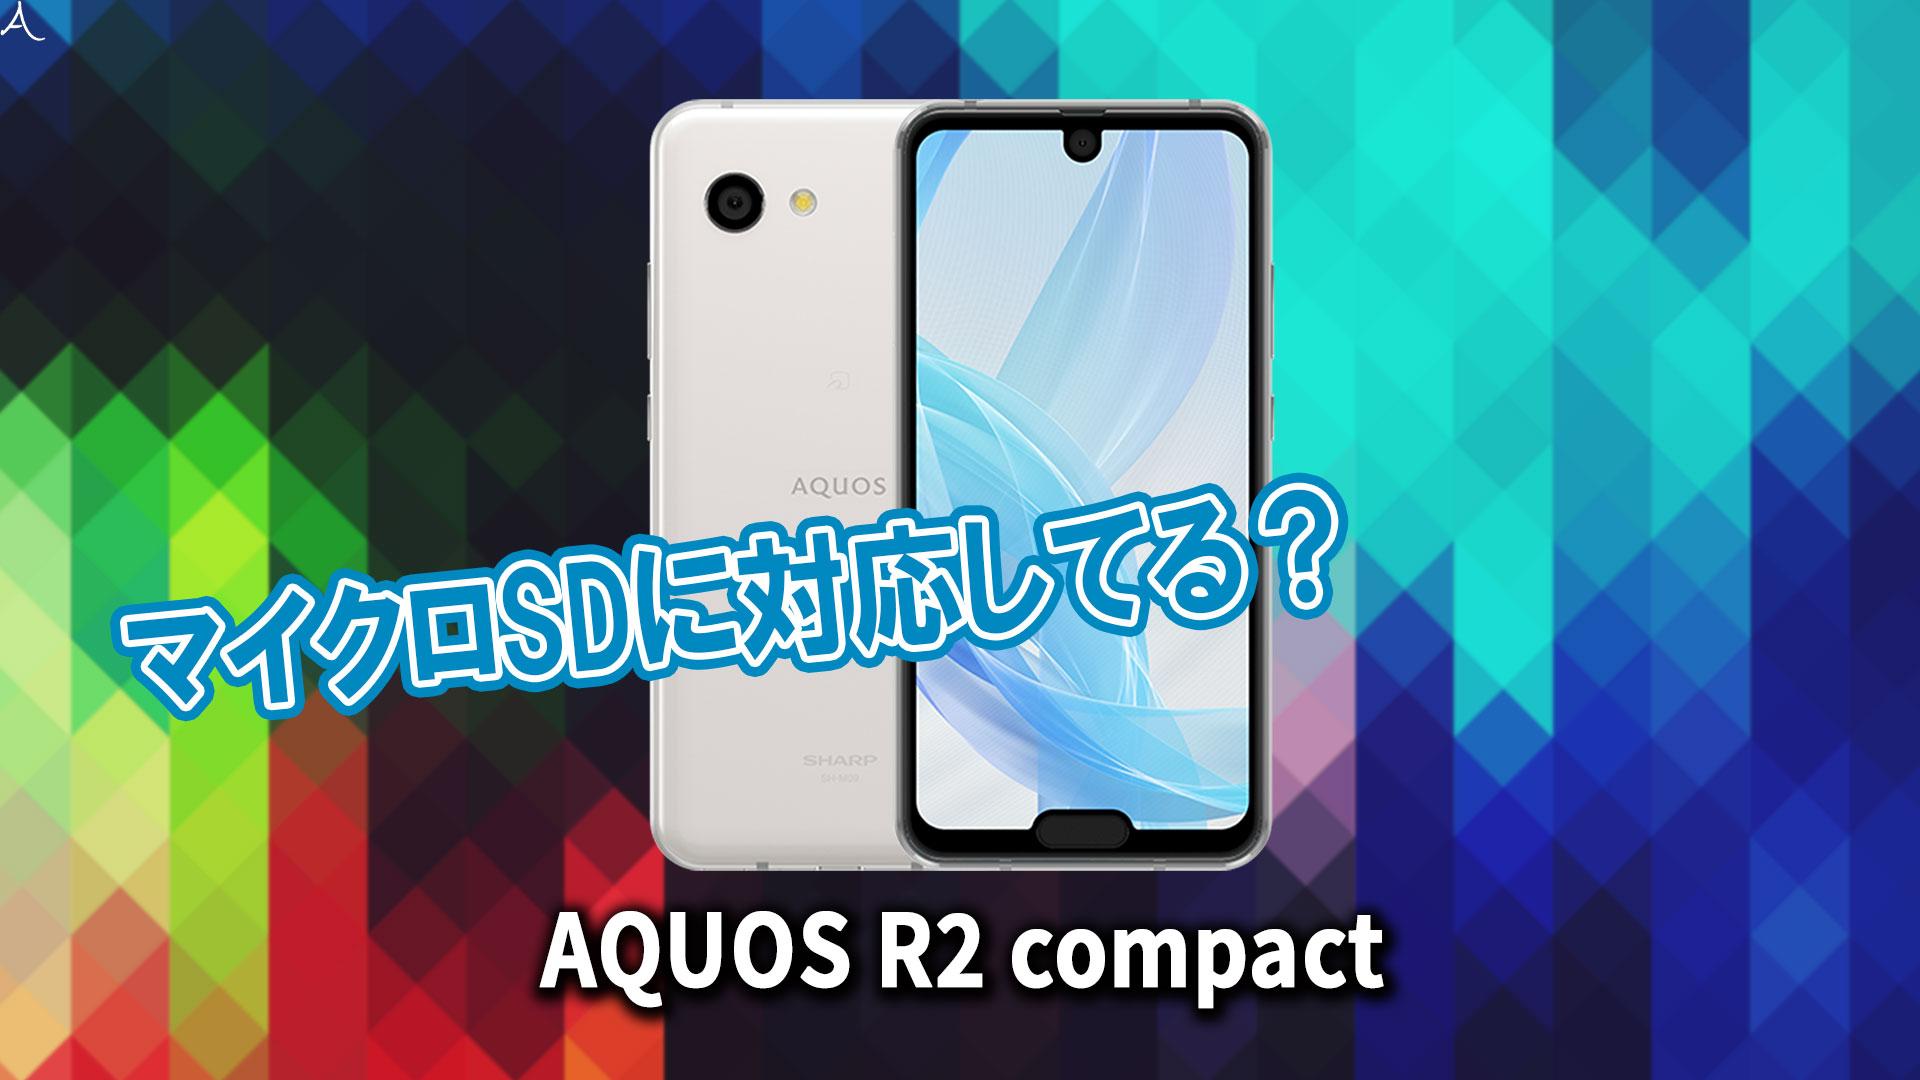 「AQUOS R2 compact」はマイクロSDに対応してる?おすすめカードと正しい選び方